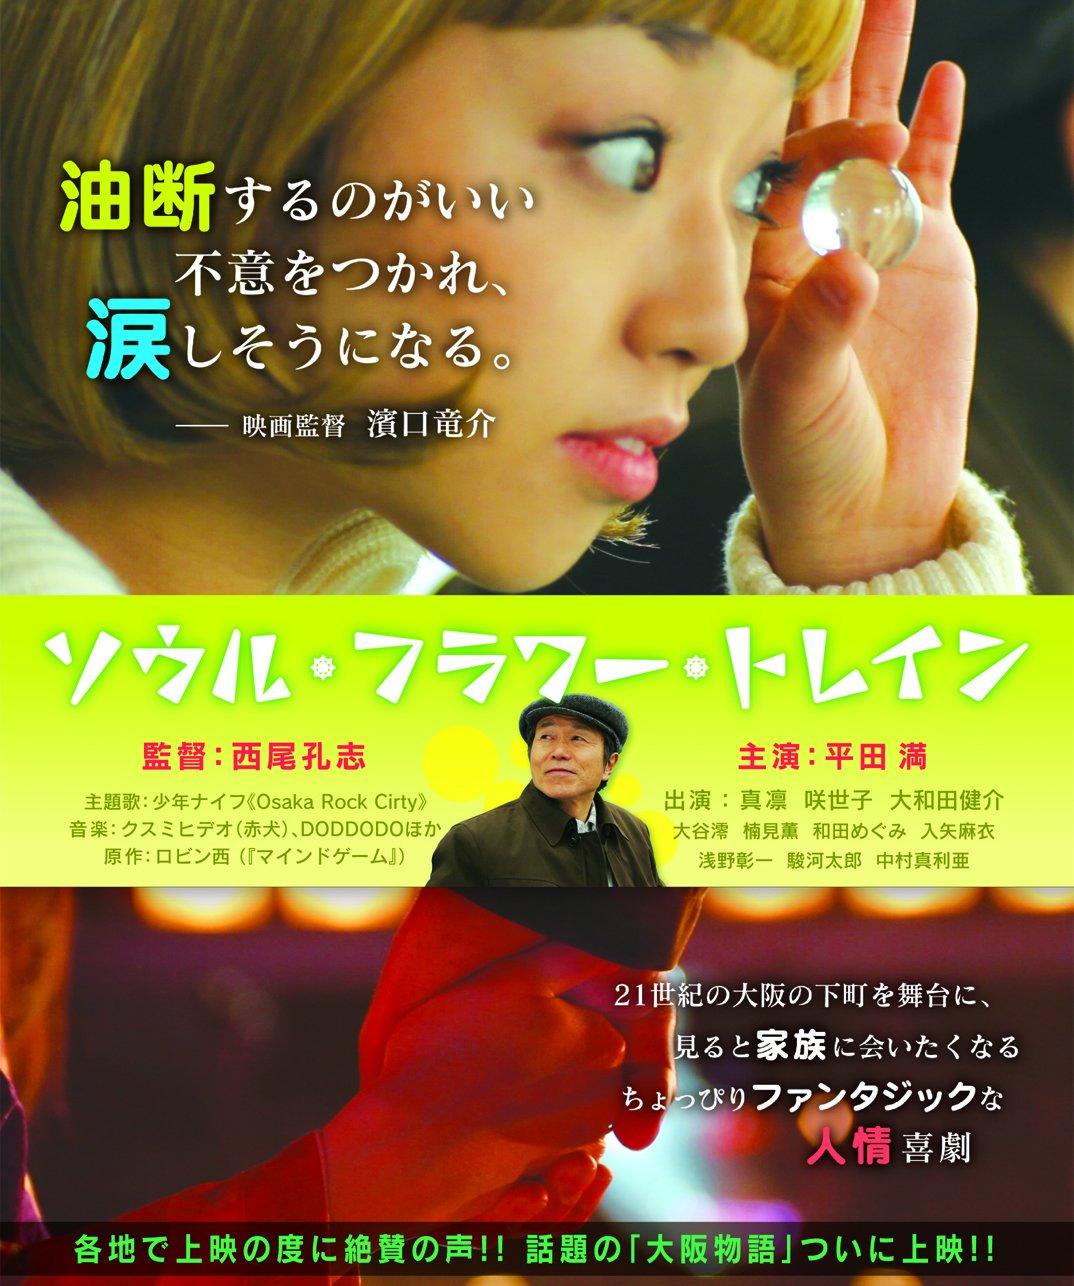 第一回ときめき☆映画祭~『ソウル・フラワー・トレイン』